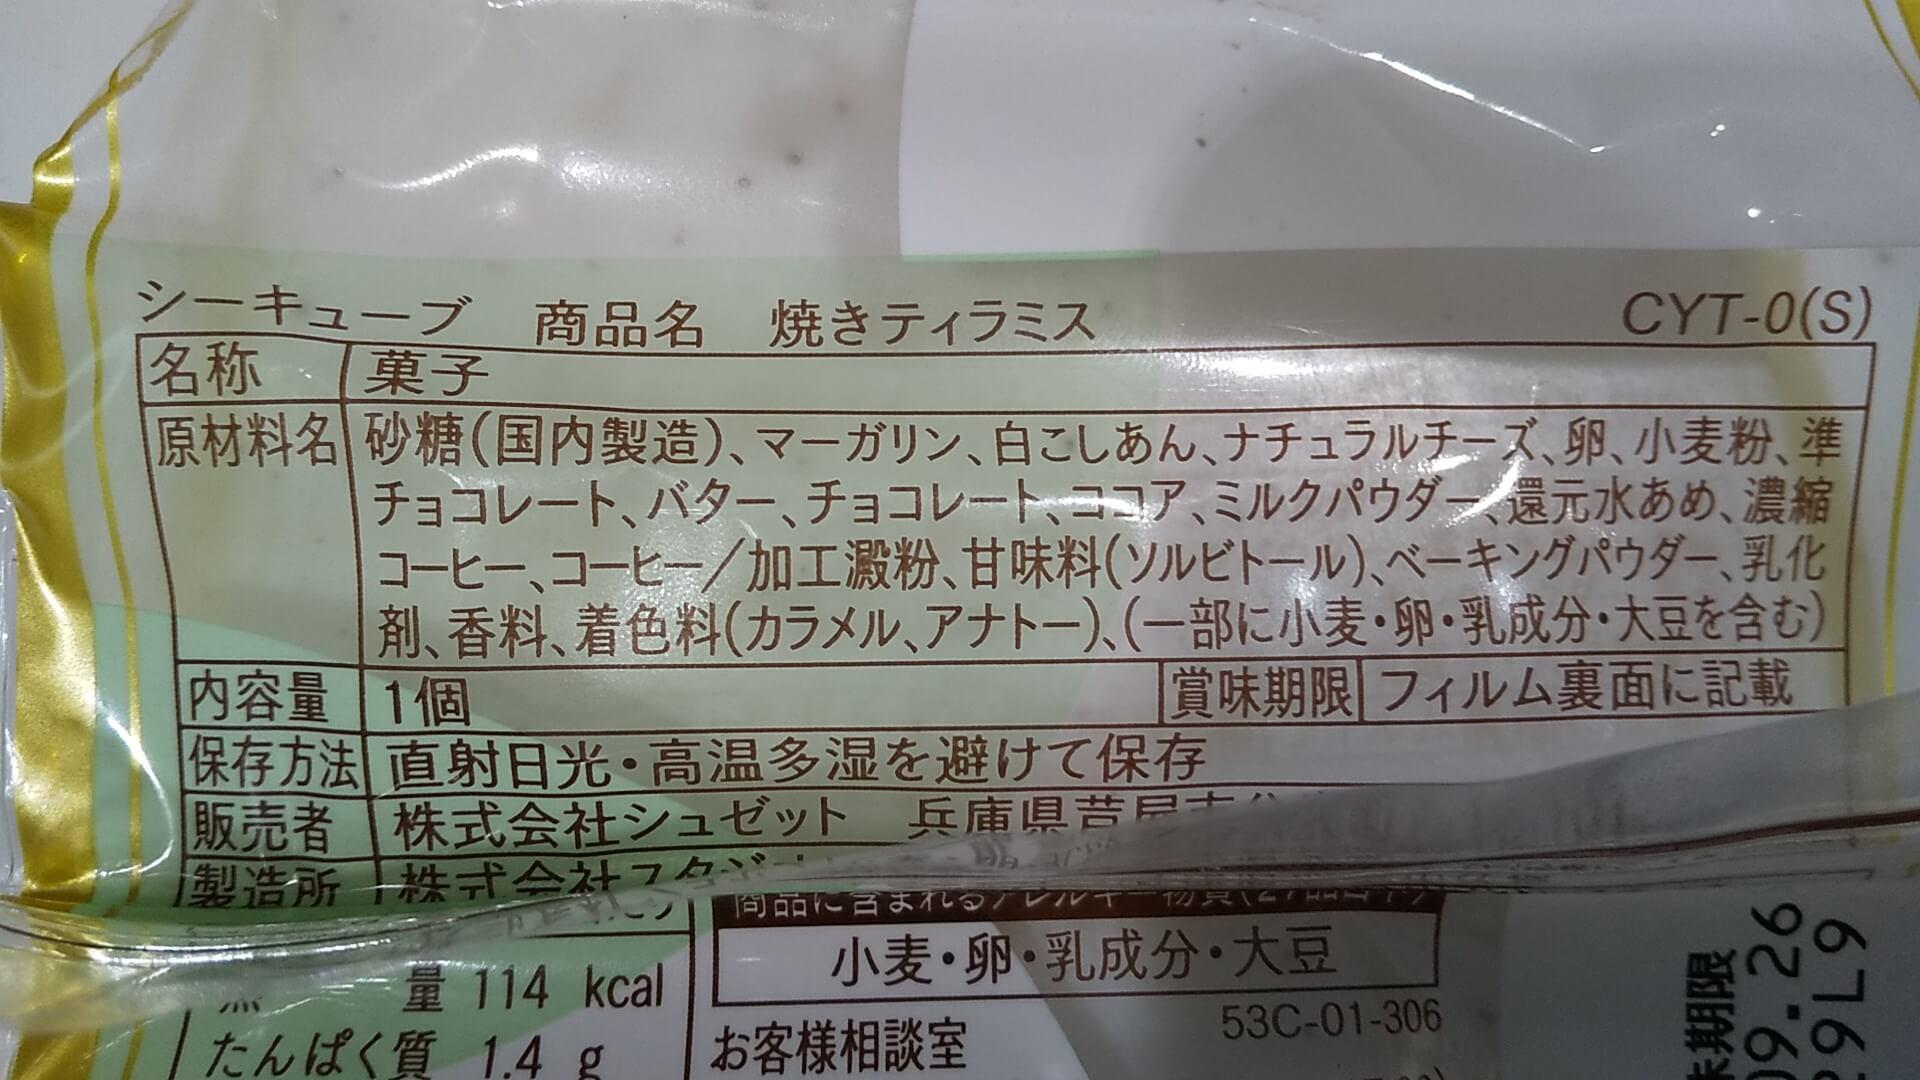 シーキューブ焼きティラミス口コミ